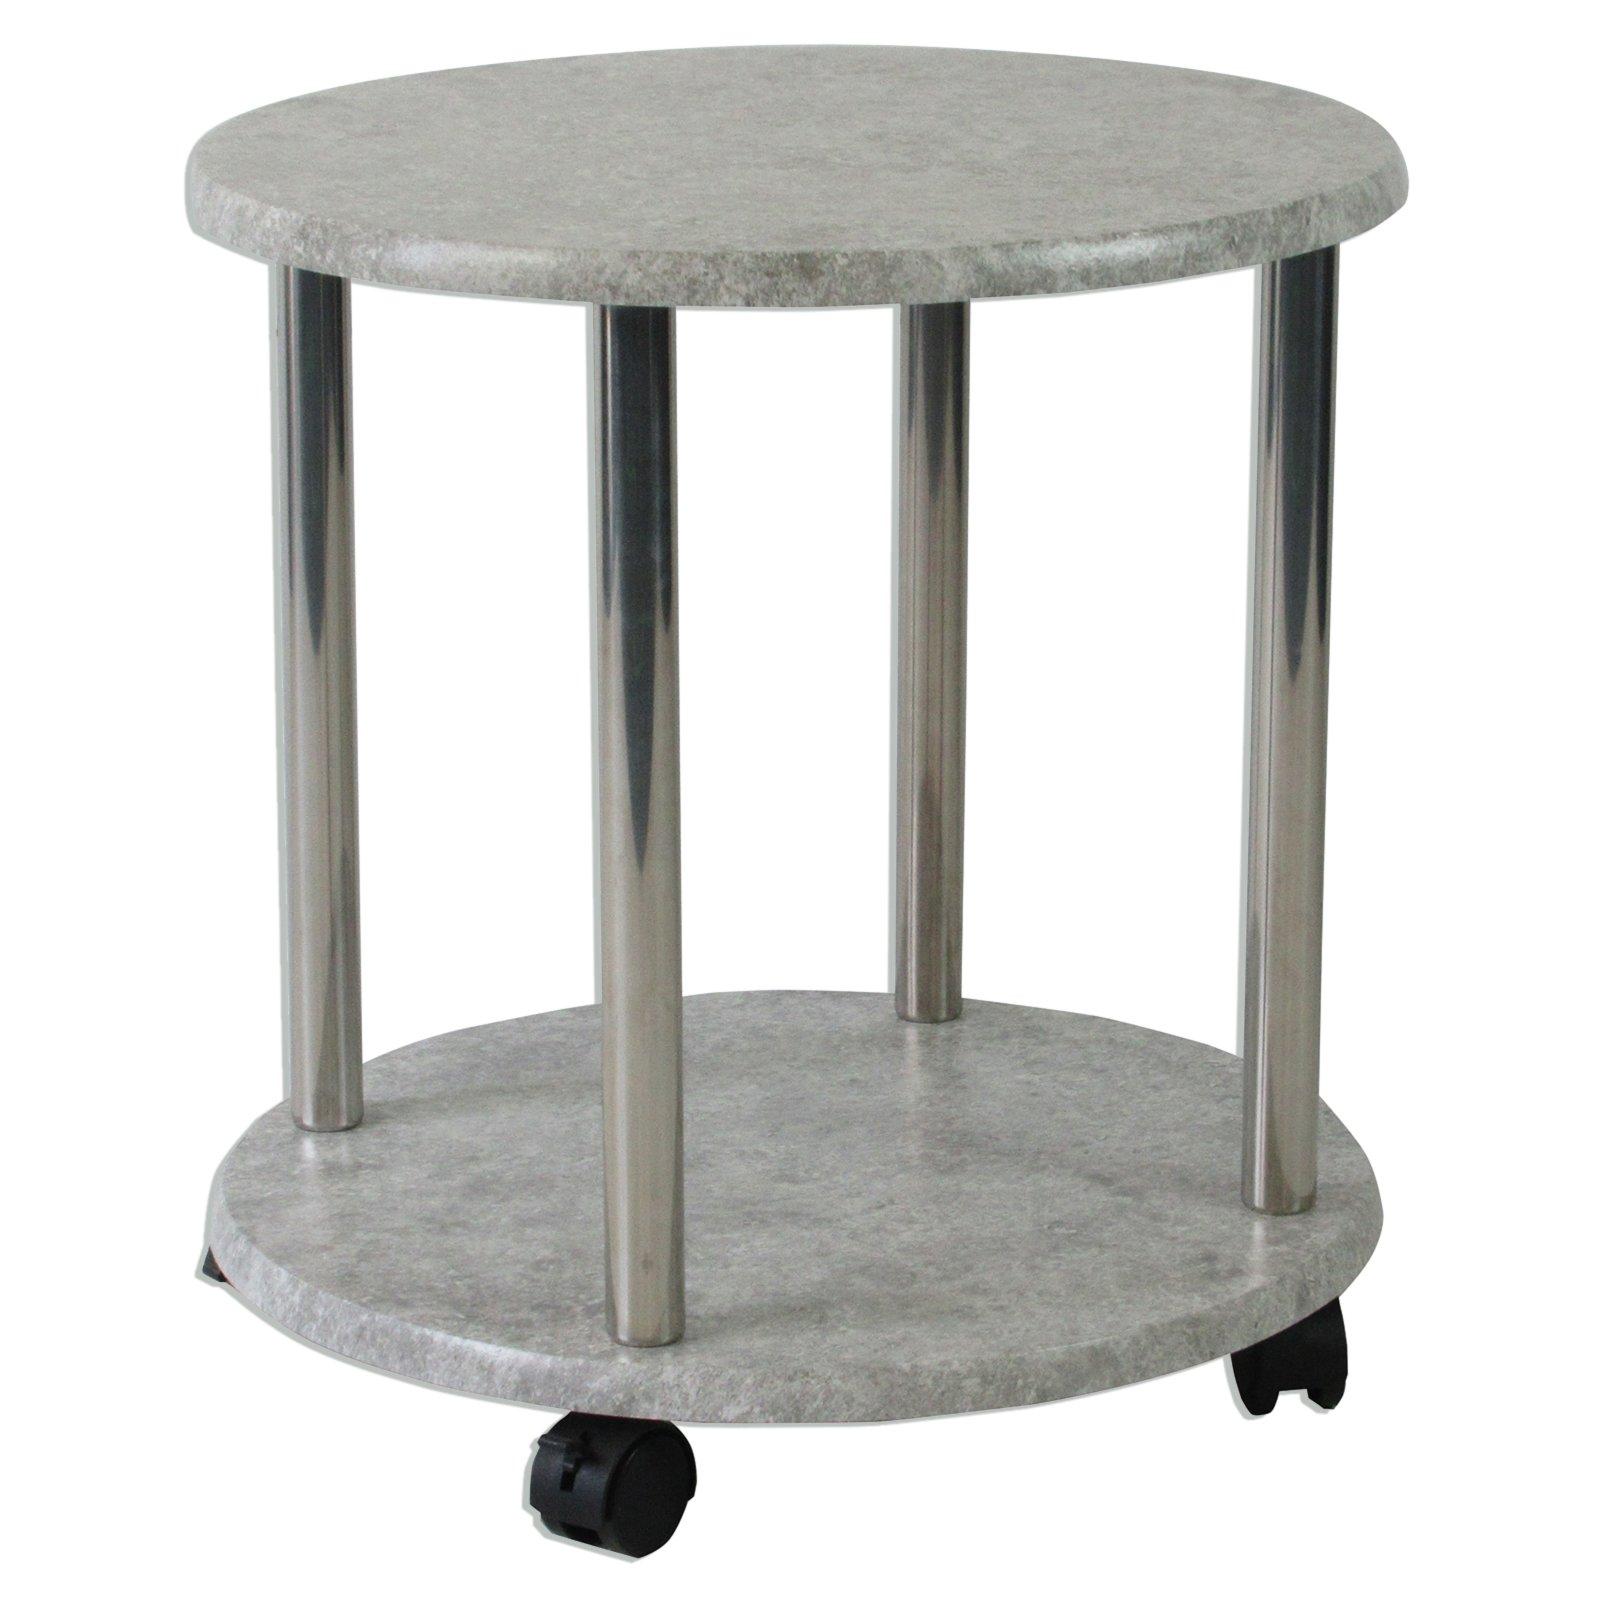 beistelltisch betonoptik auf rollen rund